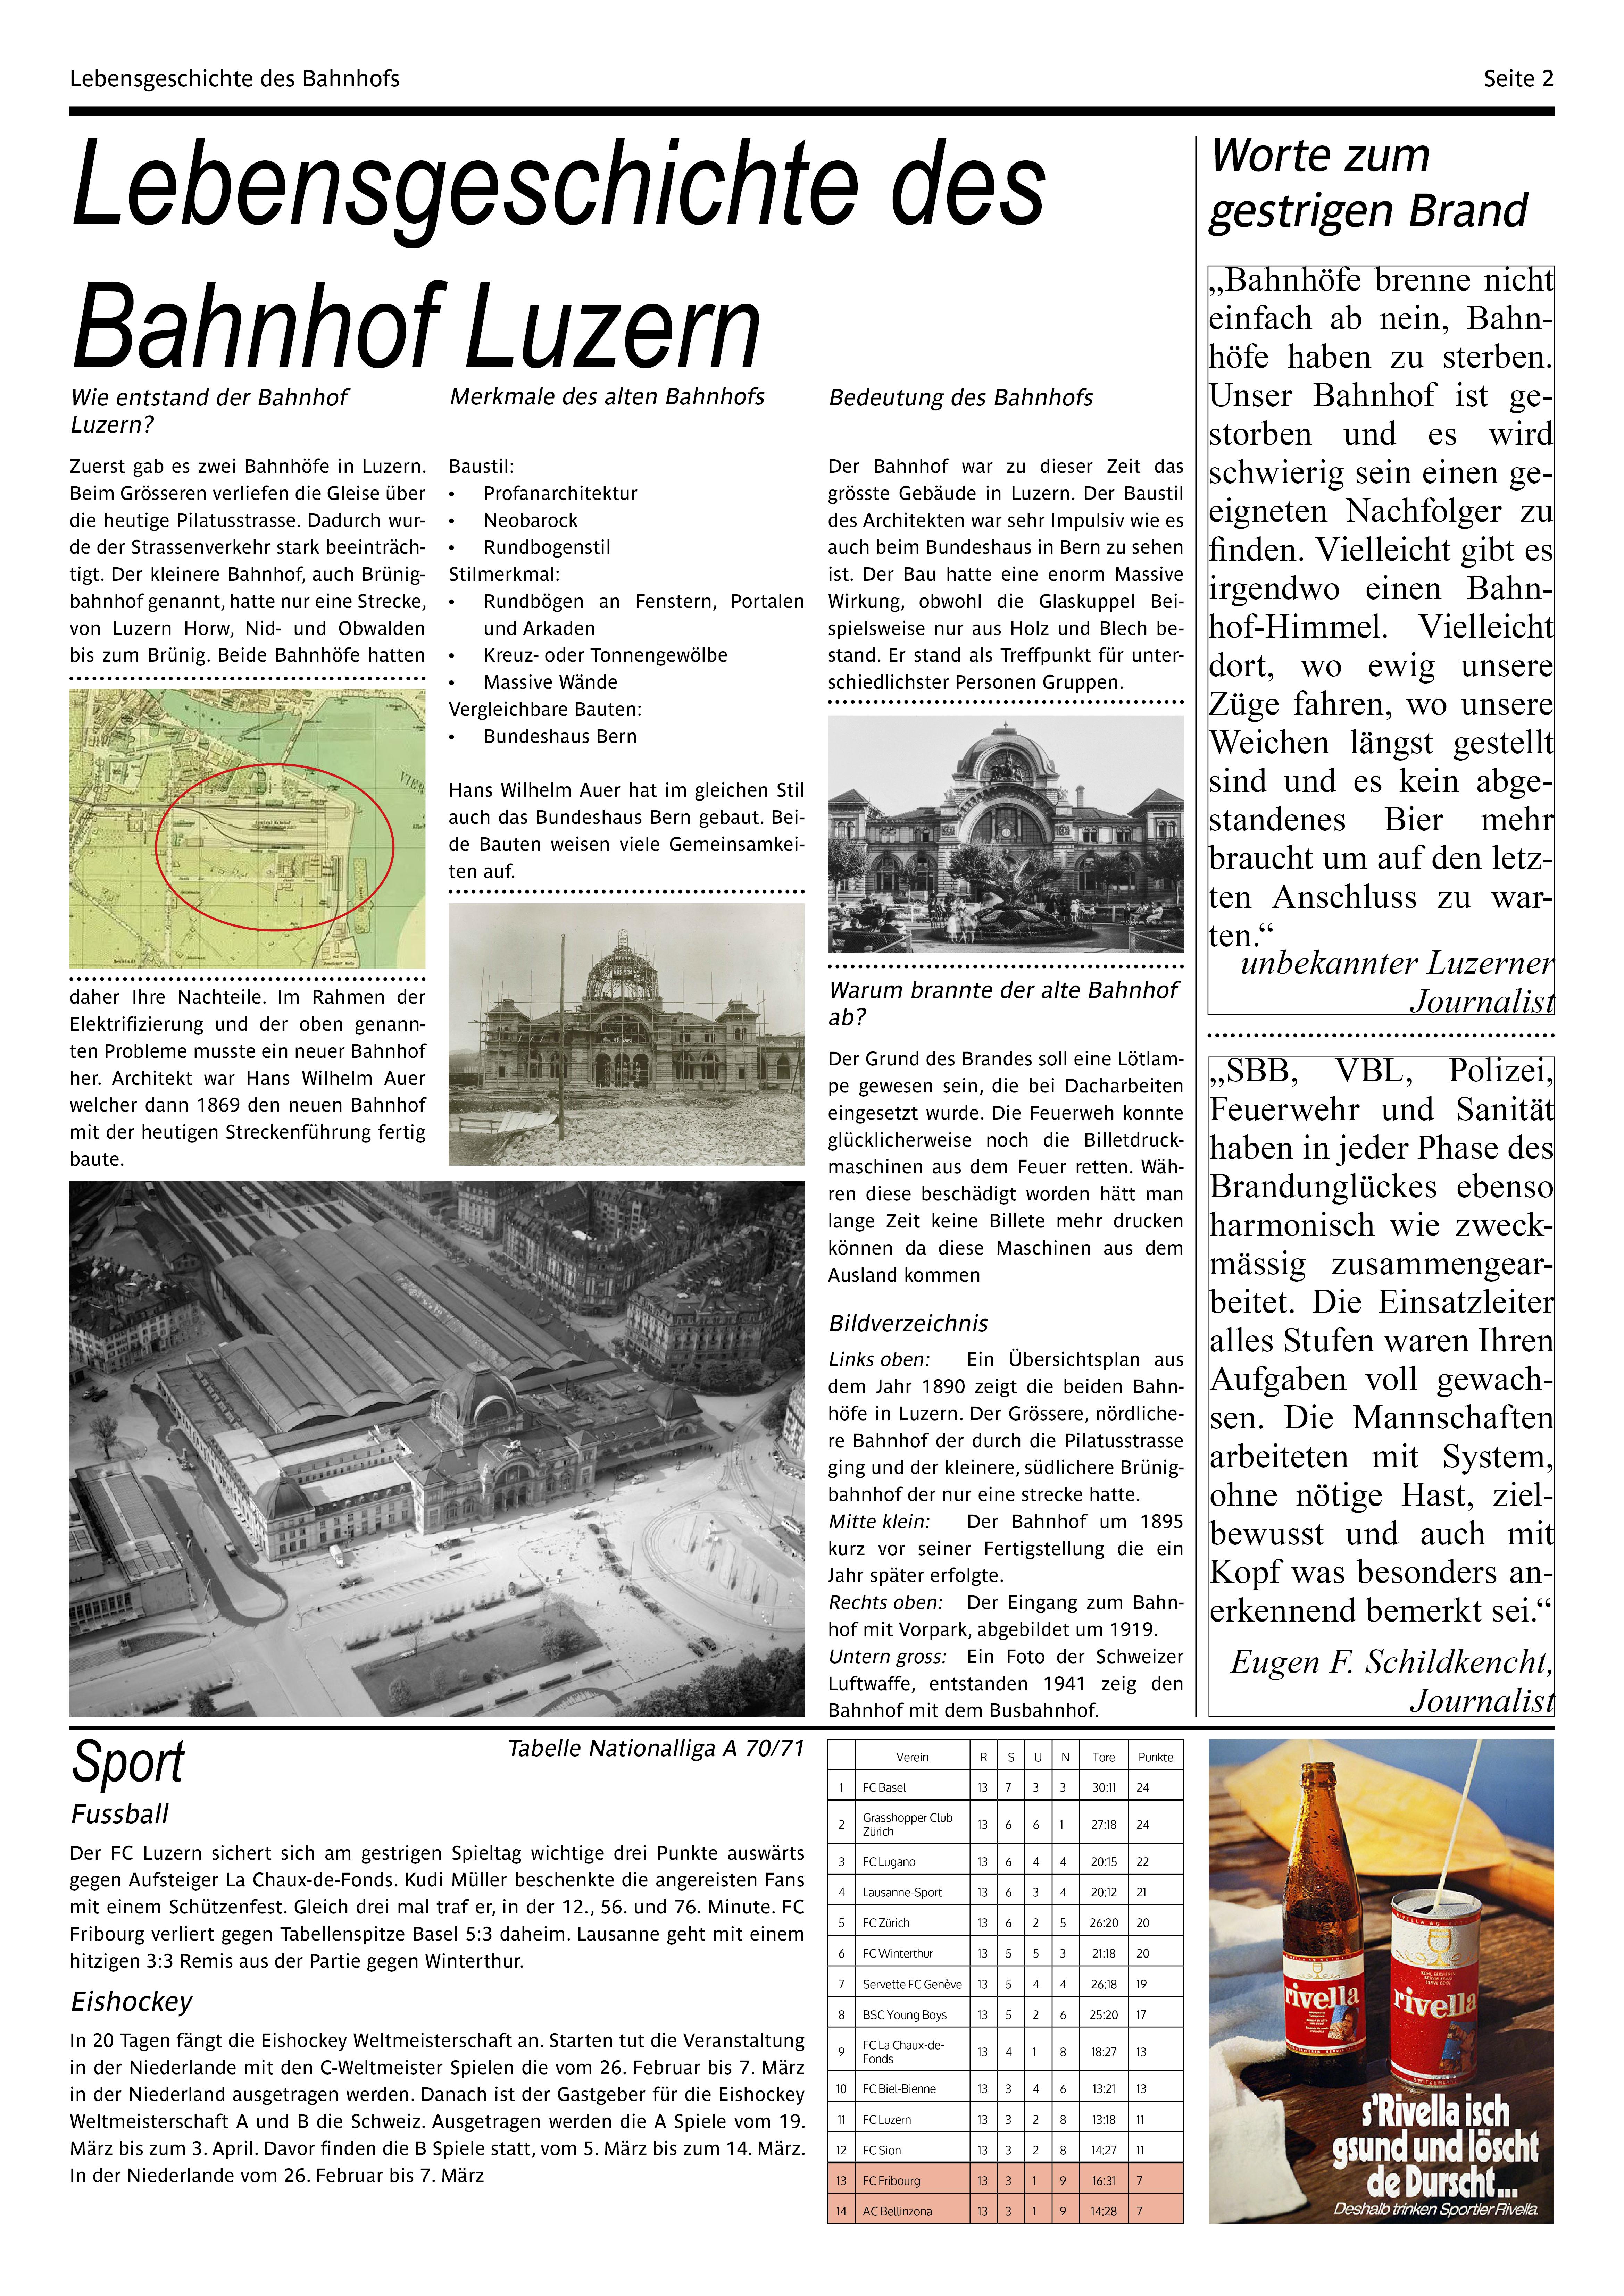 Zeitungartikel Seite 2